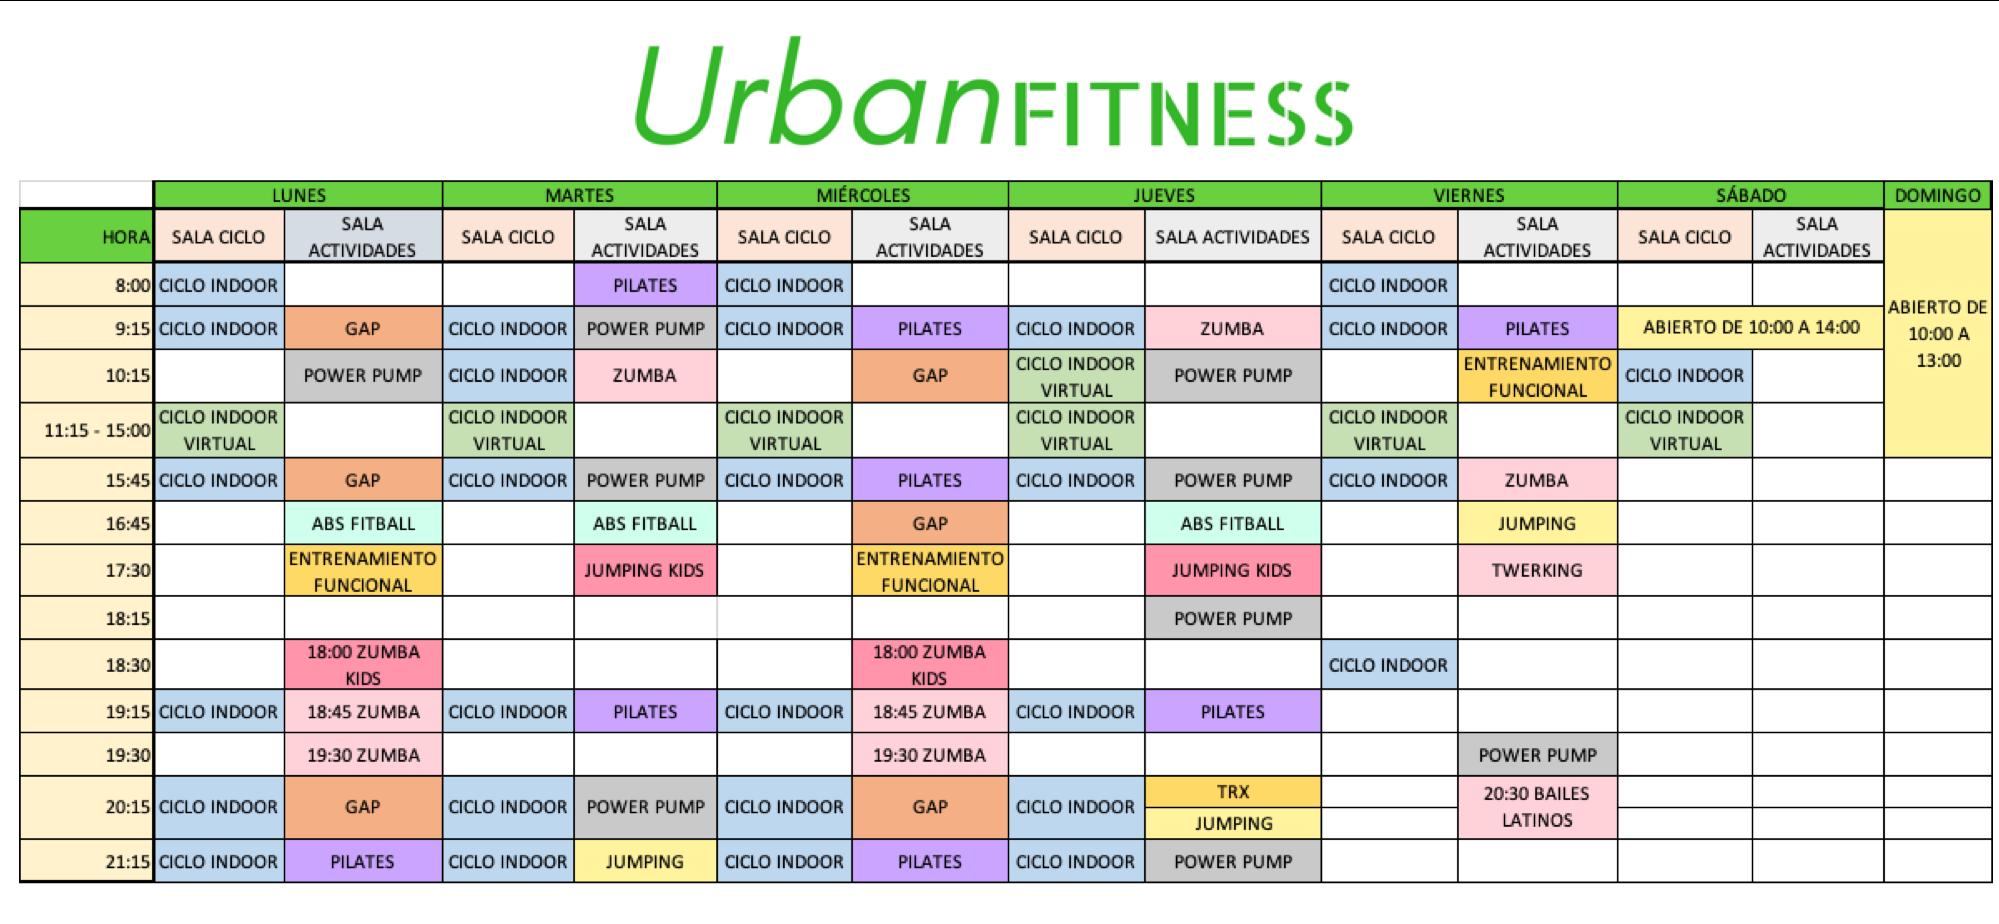 Horario Urban fitness Orihuela enero